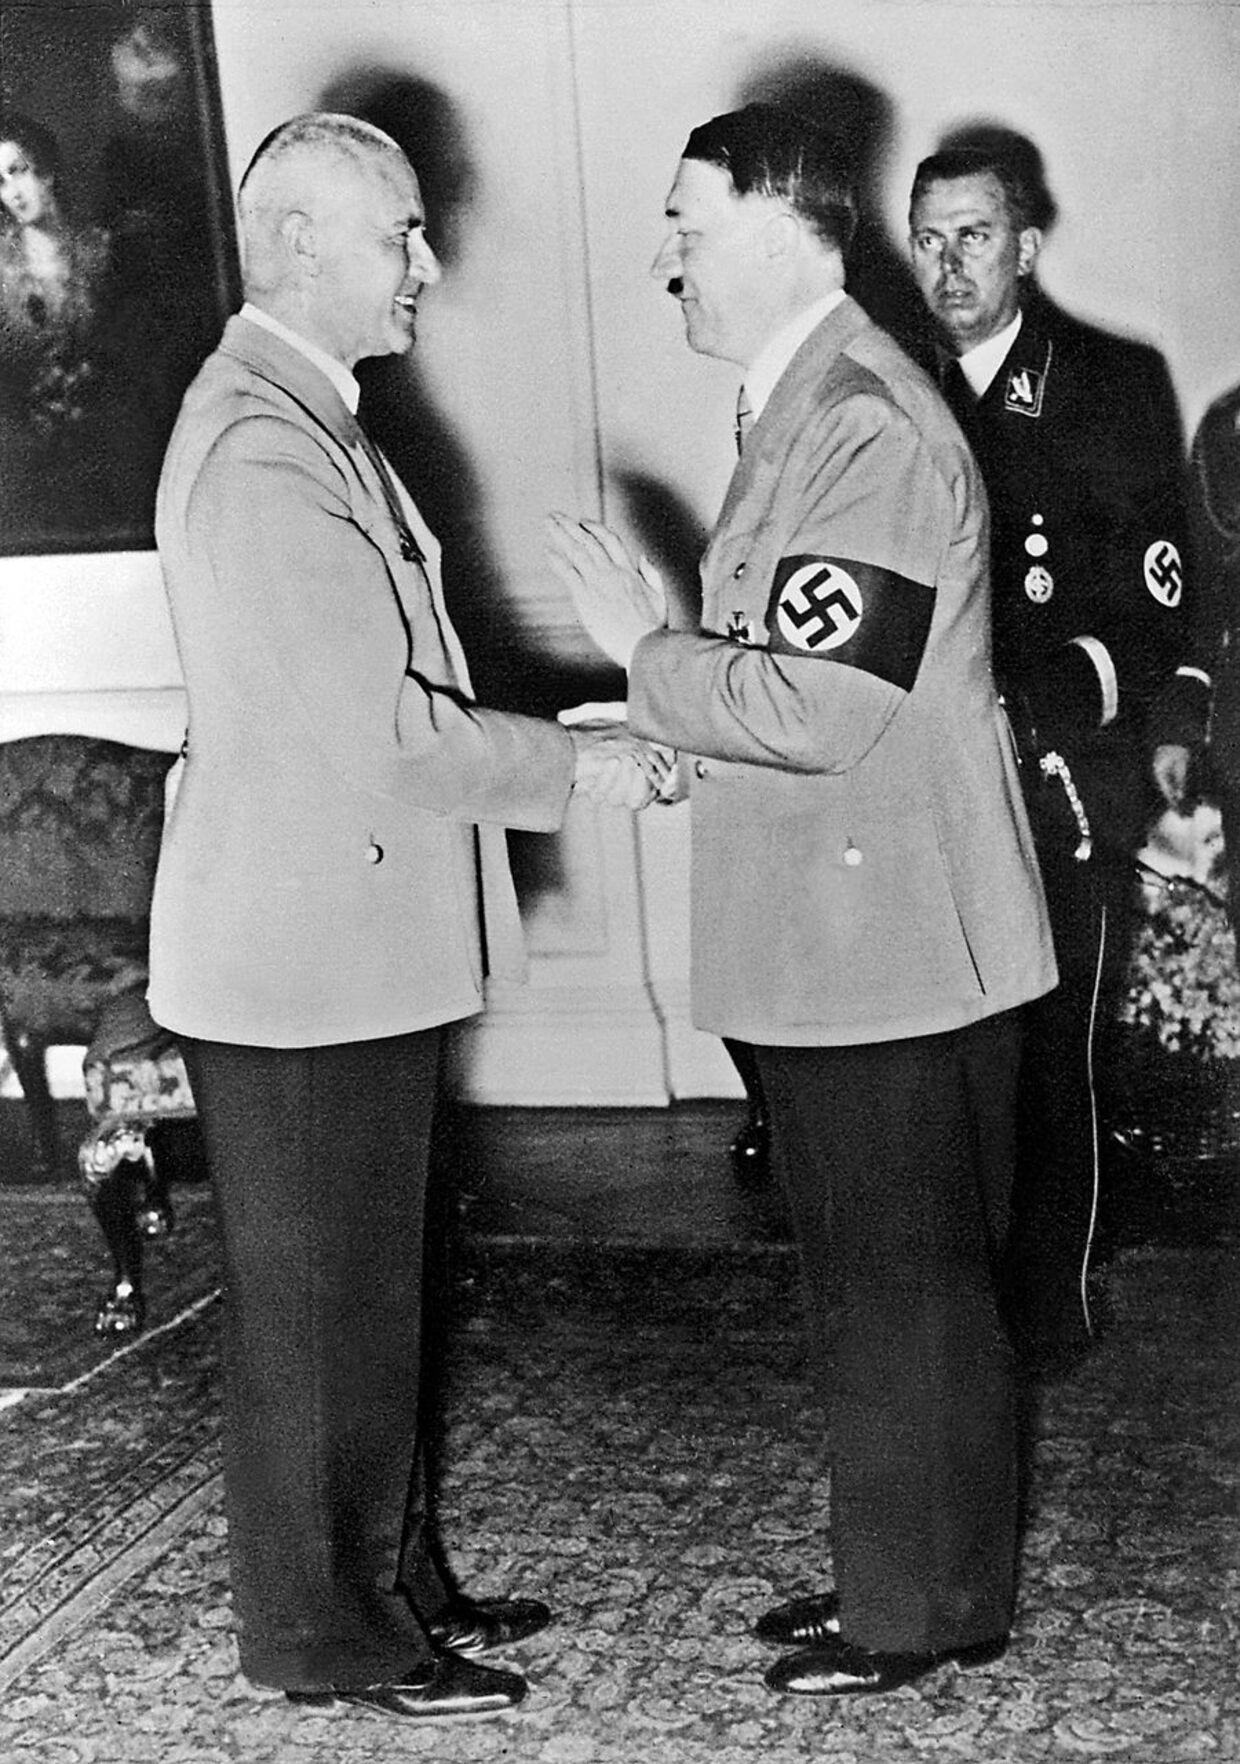 Adolf Hitler giver hånden til Wilhelm Frick, som i løbet af krigen endte som en af de øverste instanser i nazisternes net af koncentrationslejre, hvor millioner af jøder blev myrdet.